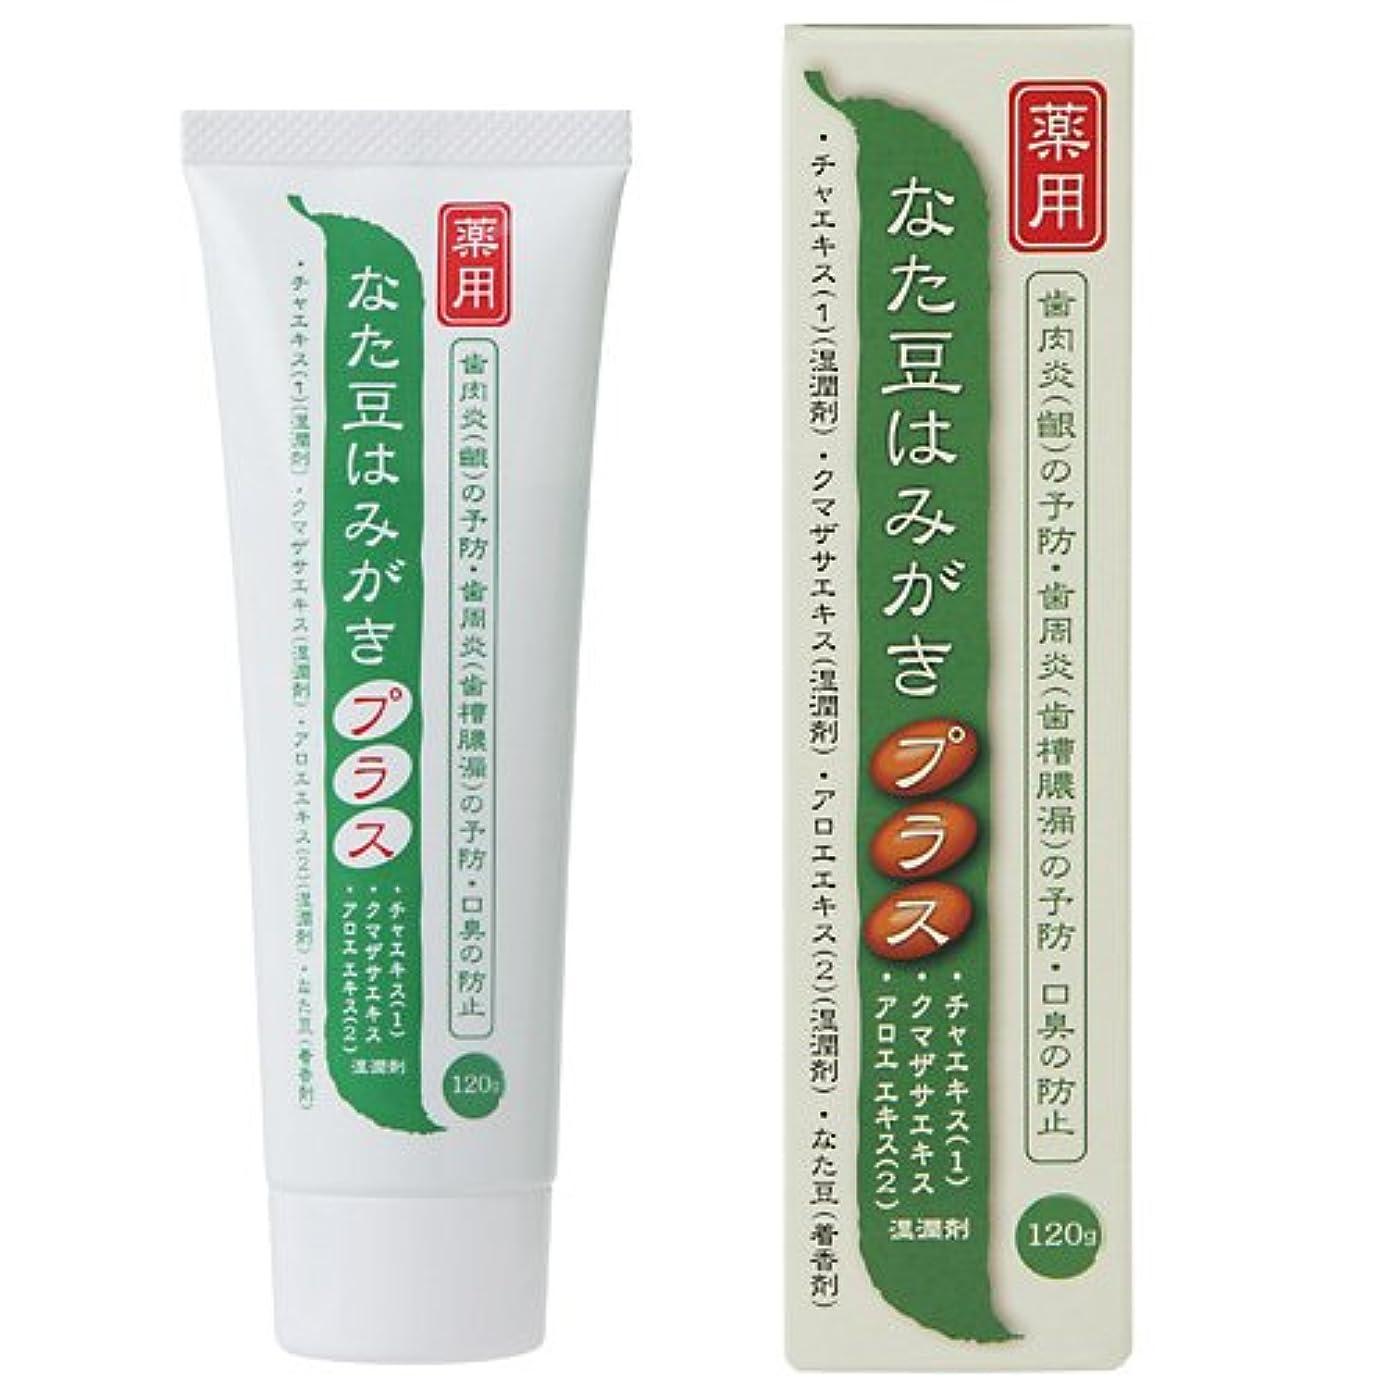 従順な甘やかす生産性プラセス製薬 薬用なた豆歯磨き プラス 120g